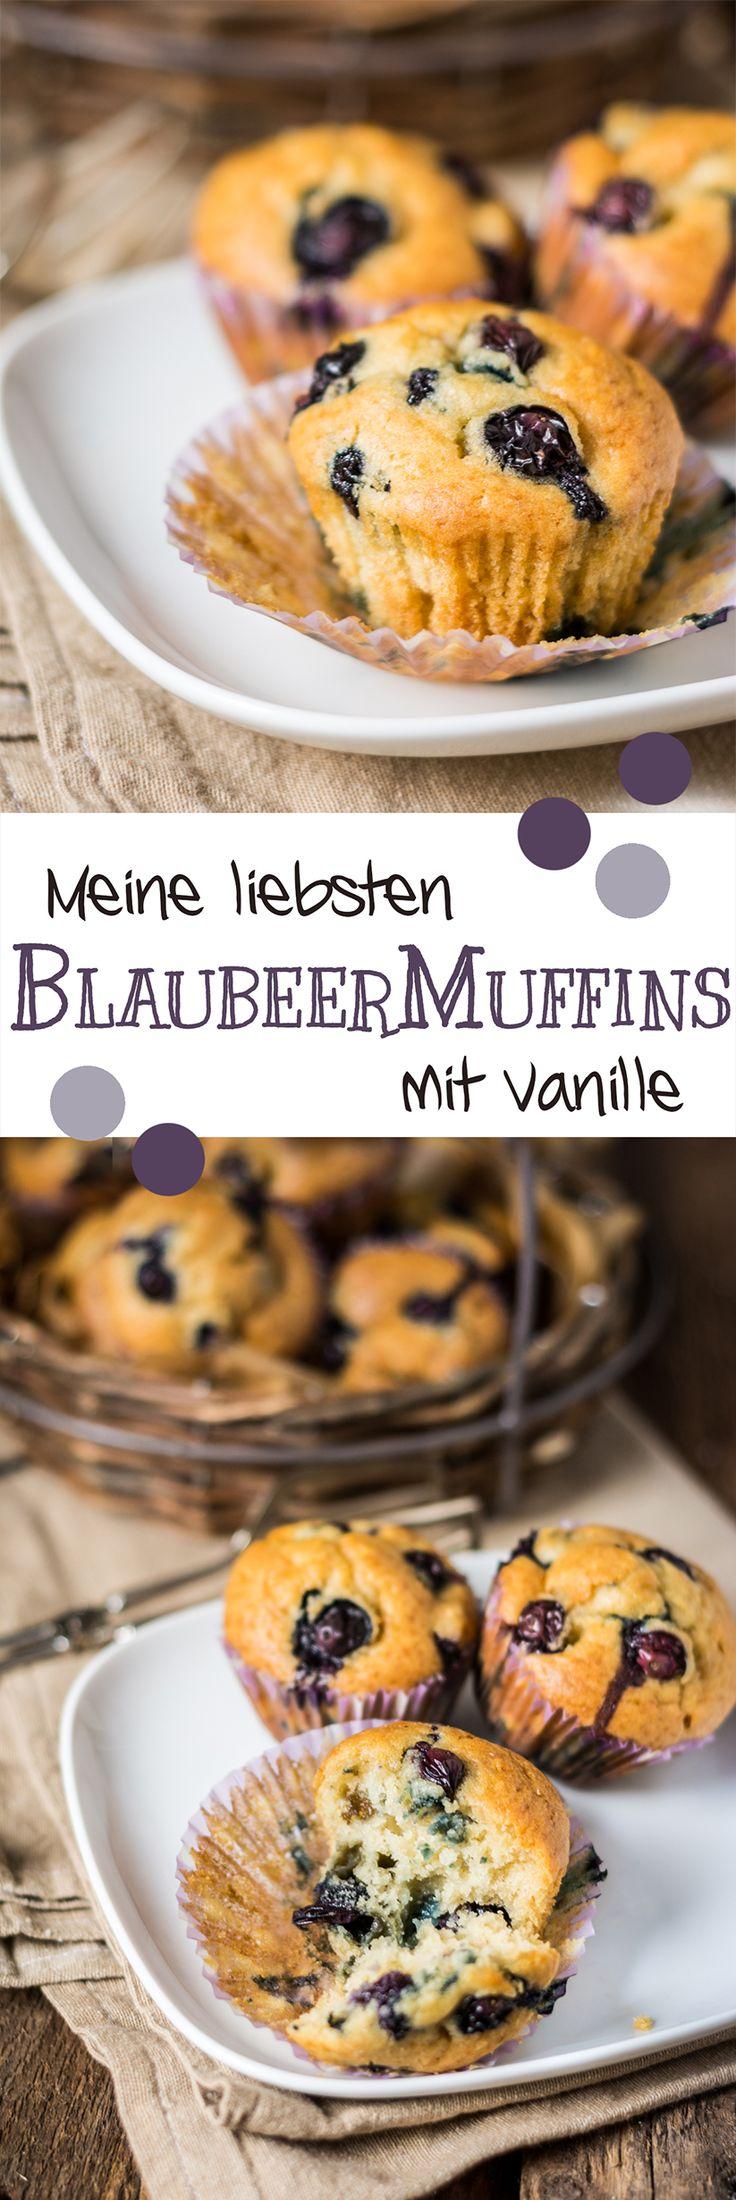 My favorite Blueberry Muffins with Vanilla /// Meine liebsten Vanille-Blaubeermuffins